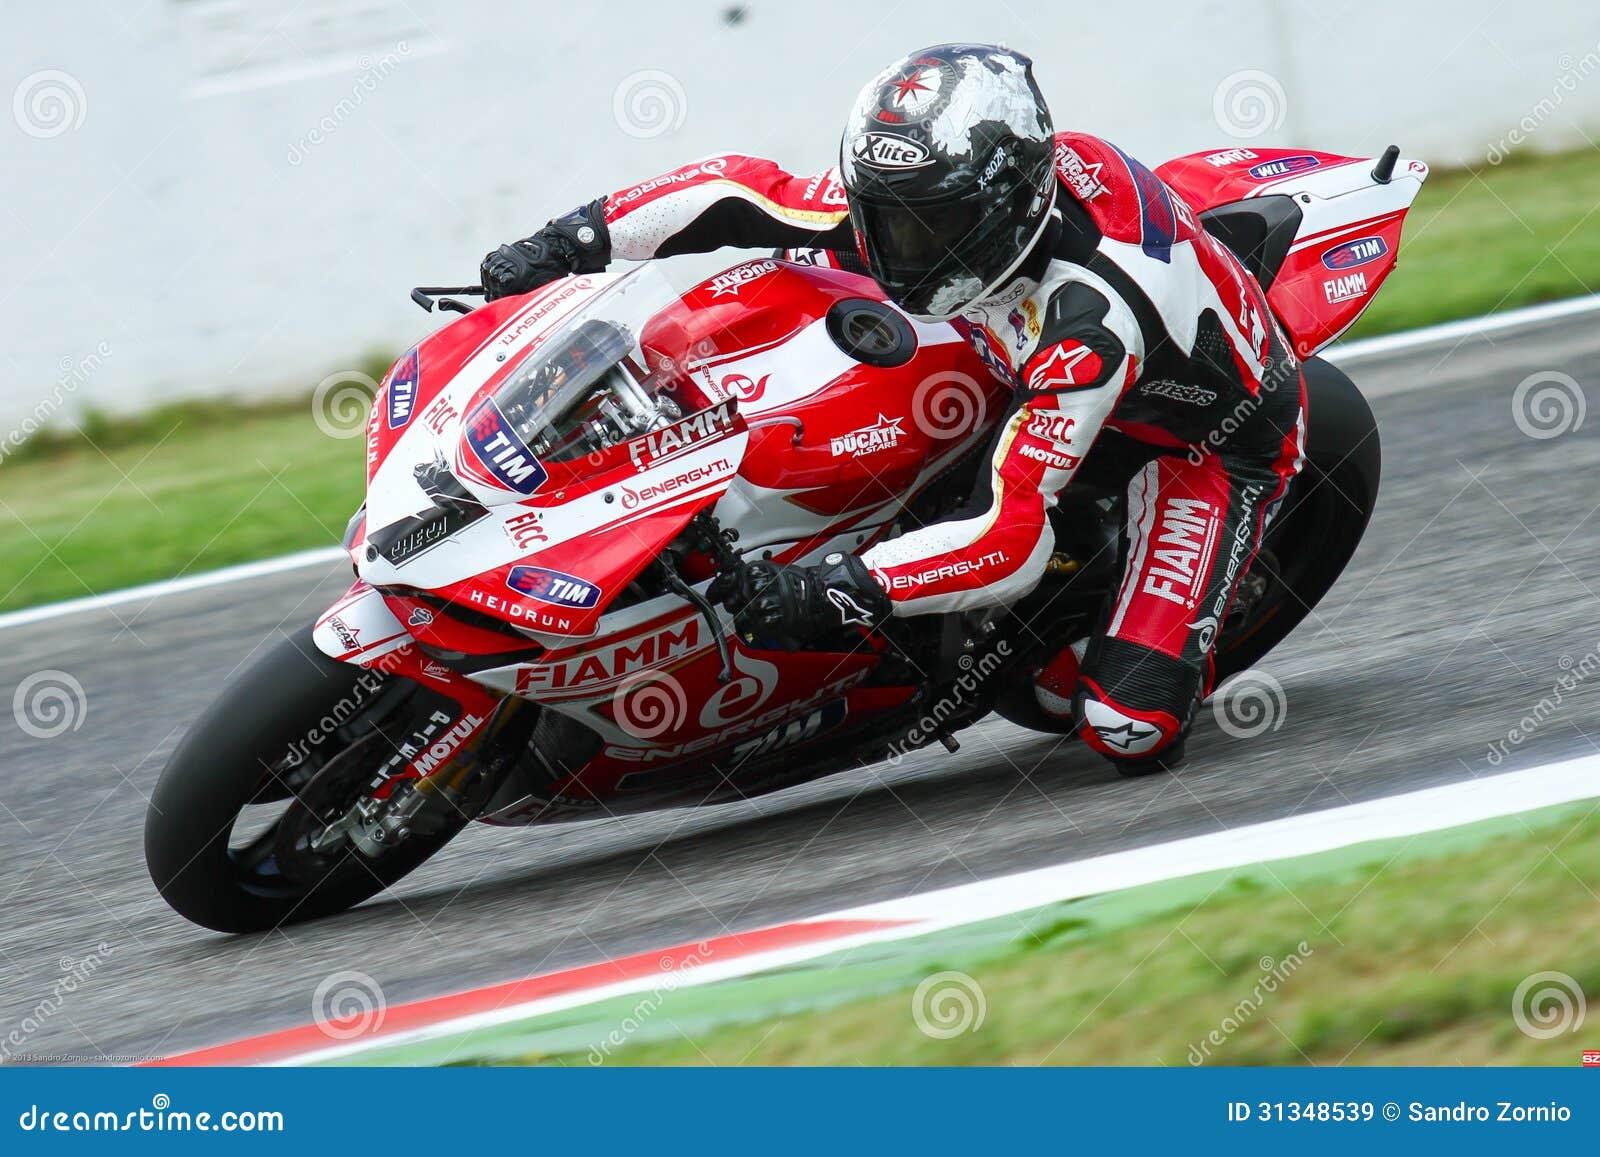 Carlos Checa #7 on Ducati 1199 Panigale R Team Ducati Alstare Superbike WSBK